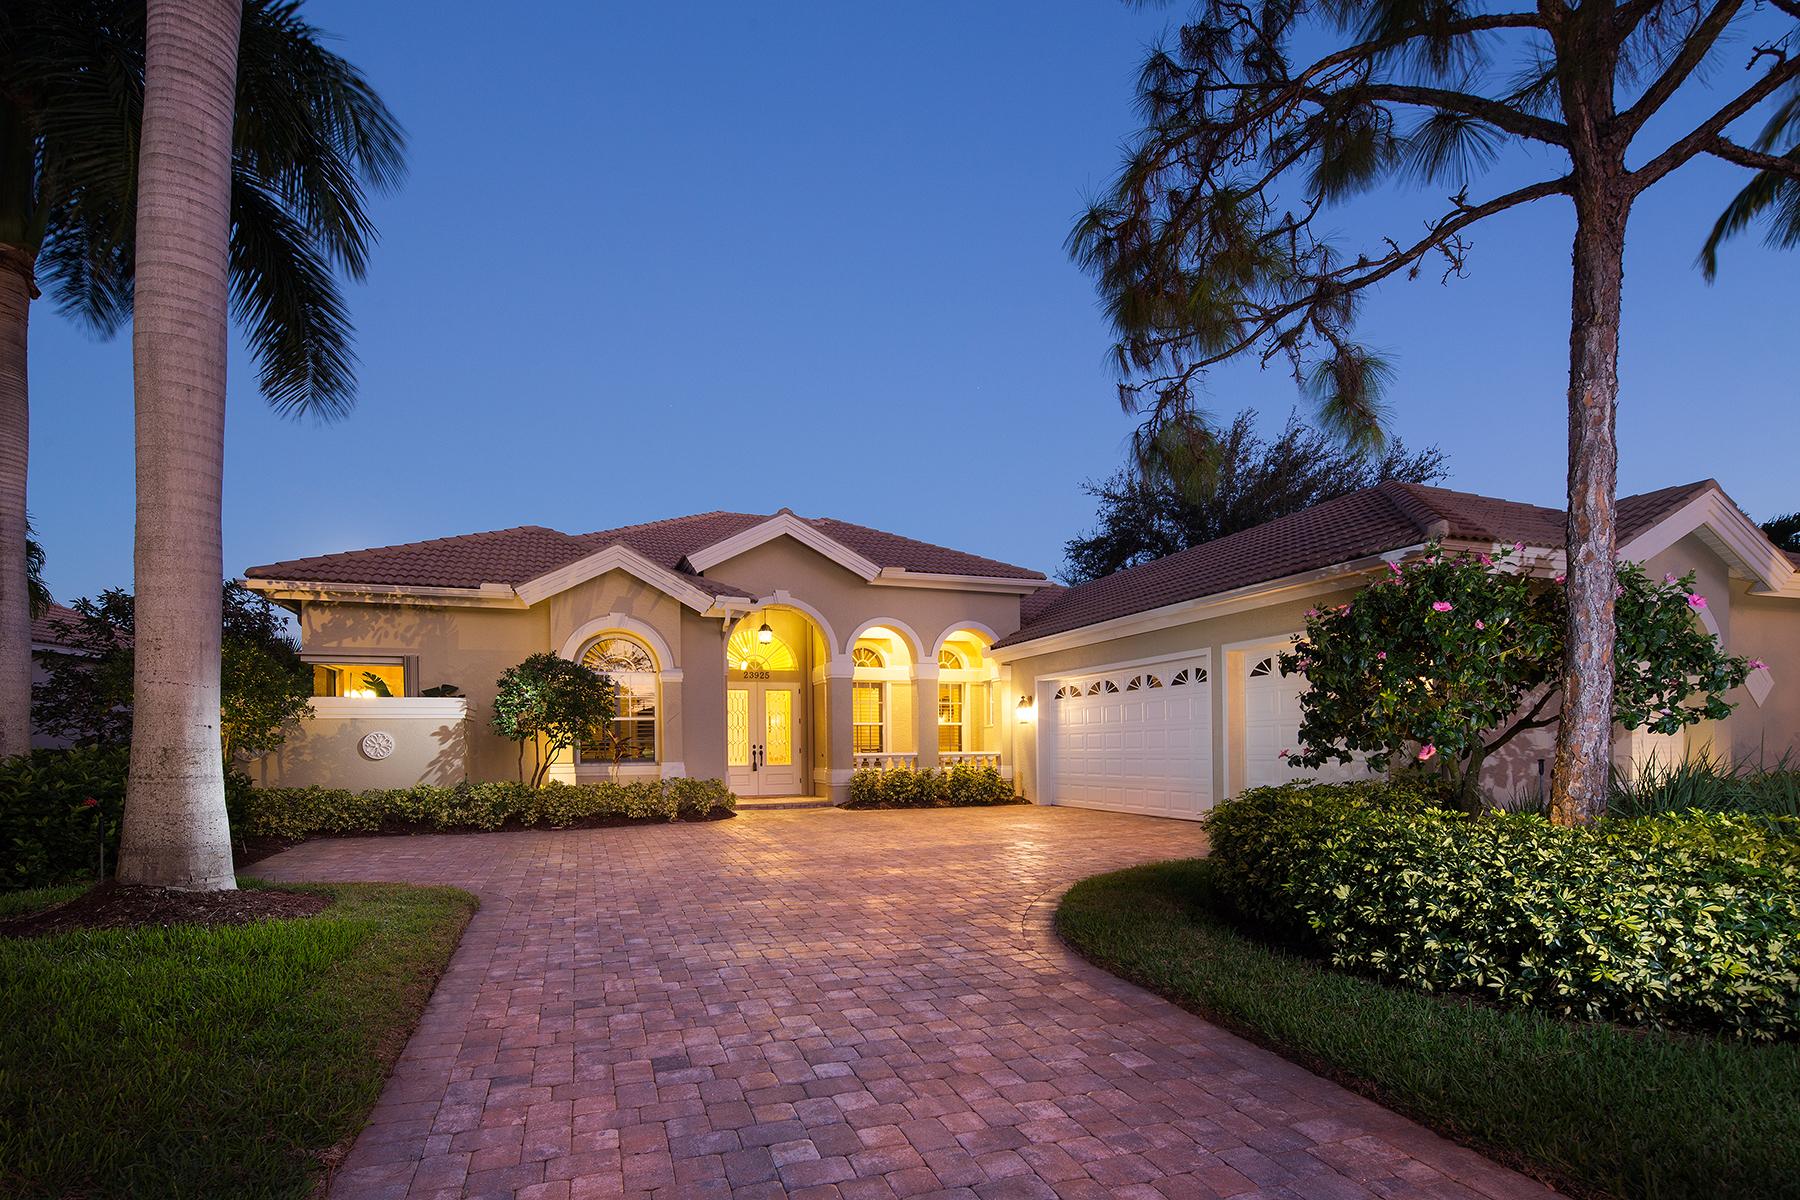 Maison unifamiliale pour l Vente à PELICAN LANDING - SANCTUARY 23925 Sanctuary Lakes Ct Bonita Springs, Florida, 34134 États-Unis